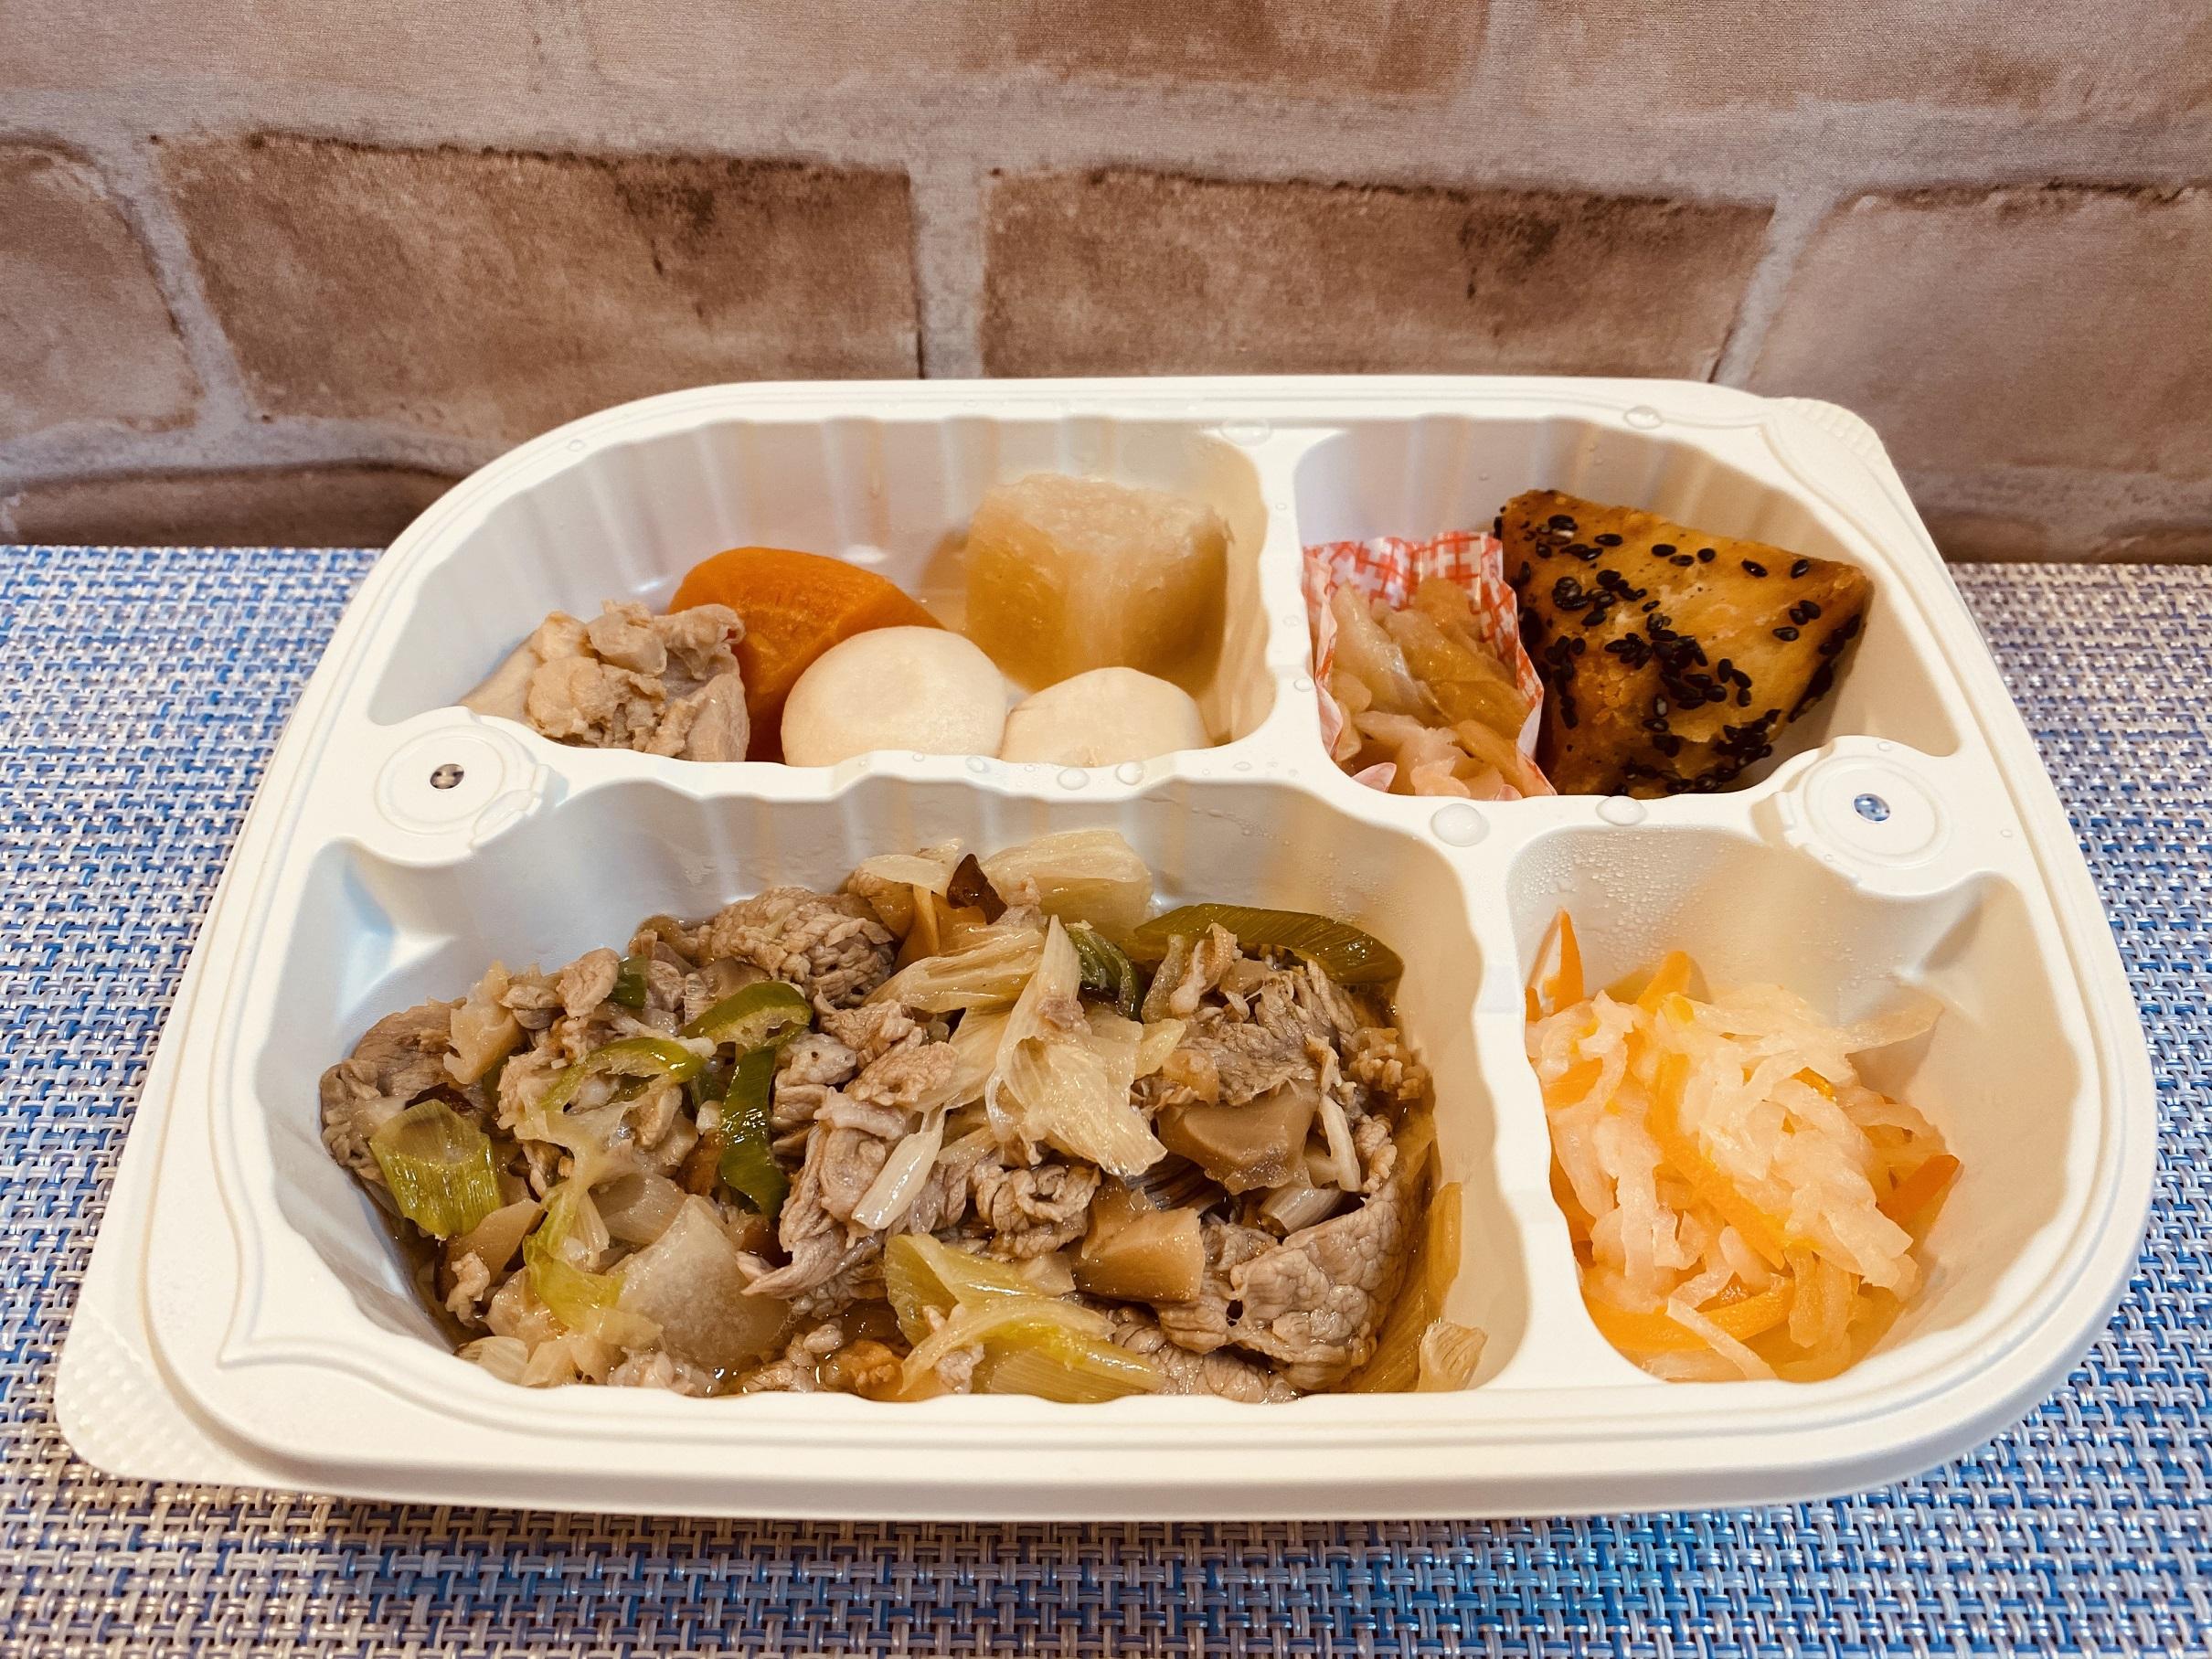 (メニューの一例)牛肉とねぎの甘辛炒め、鶏肉と里芋の煮物、大学芋、大根とニンジンの和え物